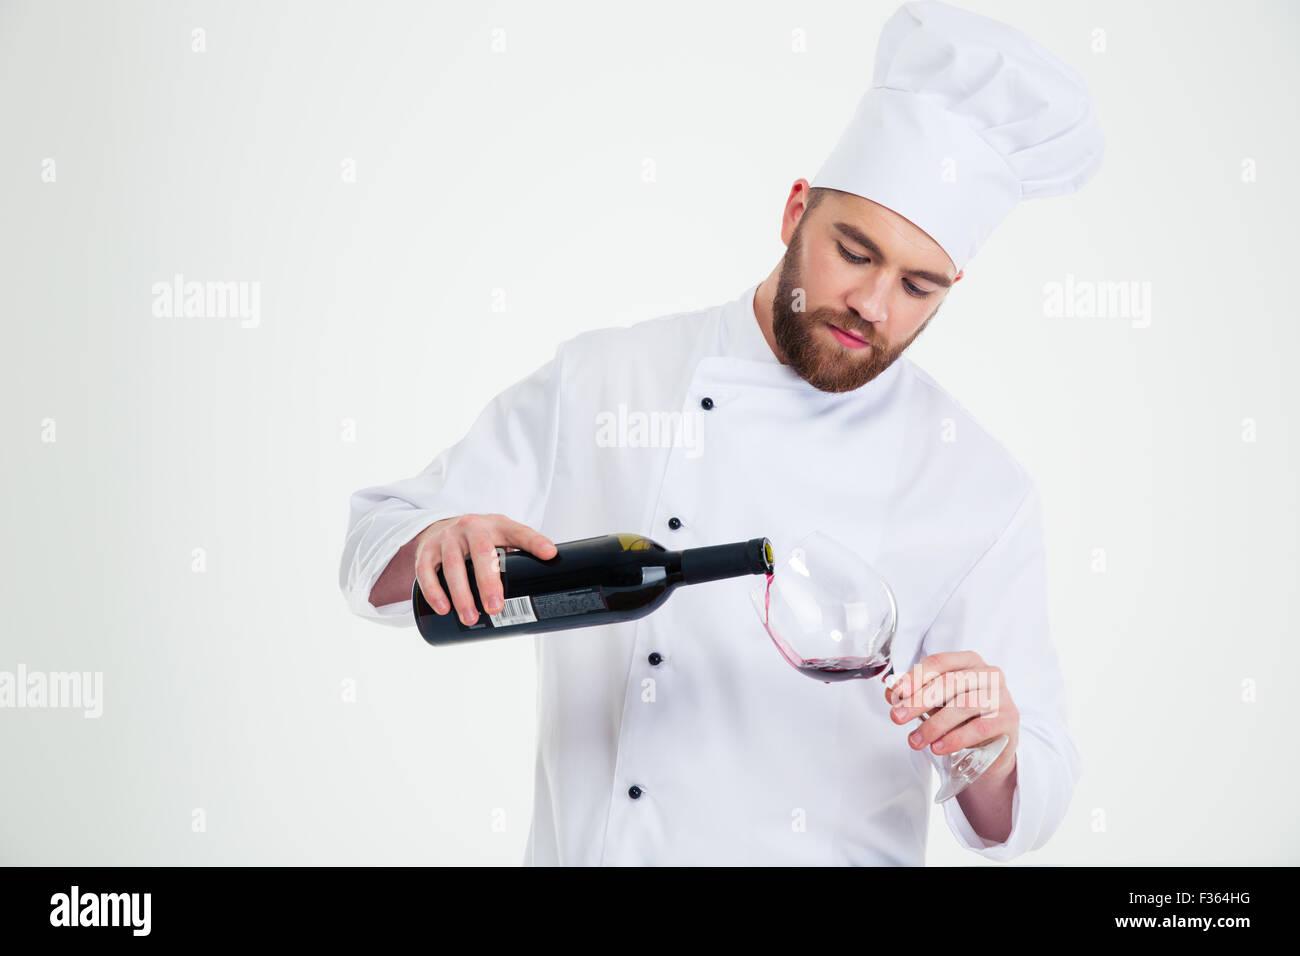 Portrait of a male chef cuisinier de verser le vin en verre isolé sur fond blanc Photo Stock